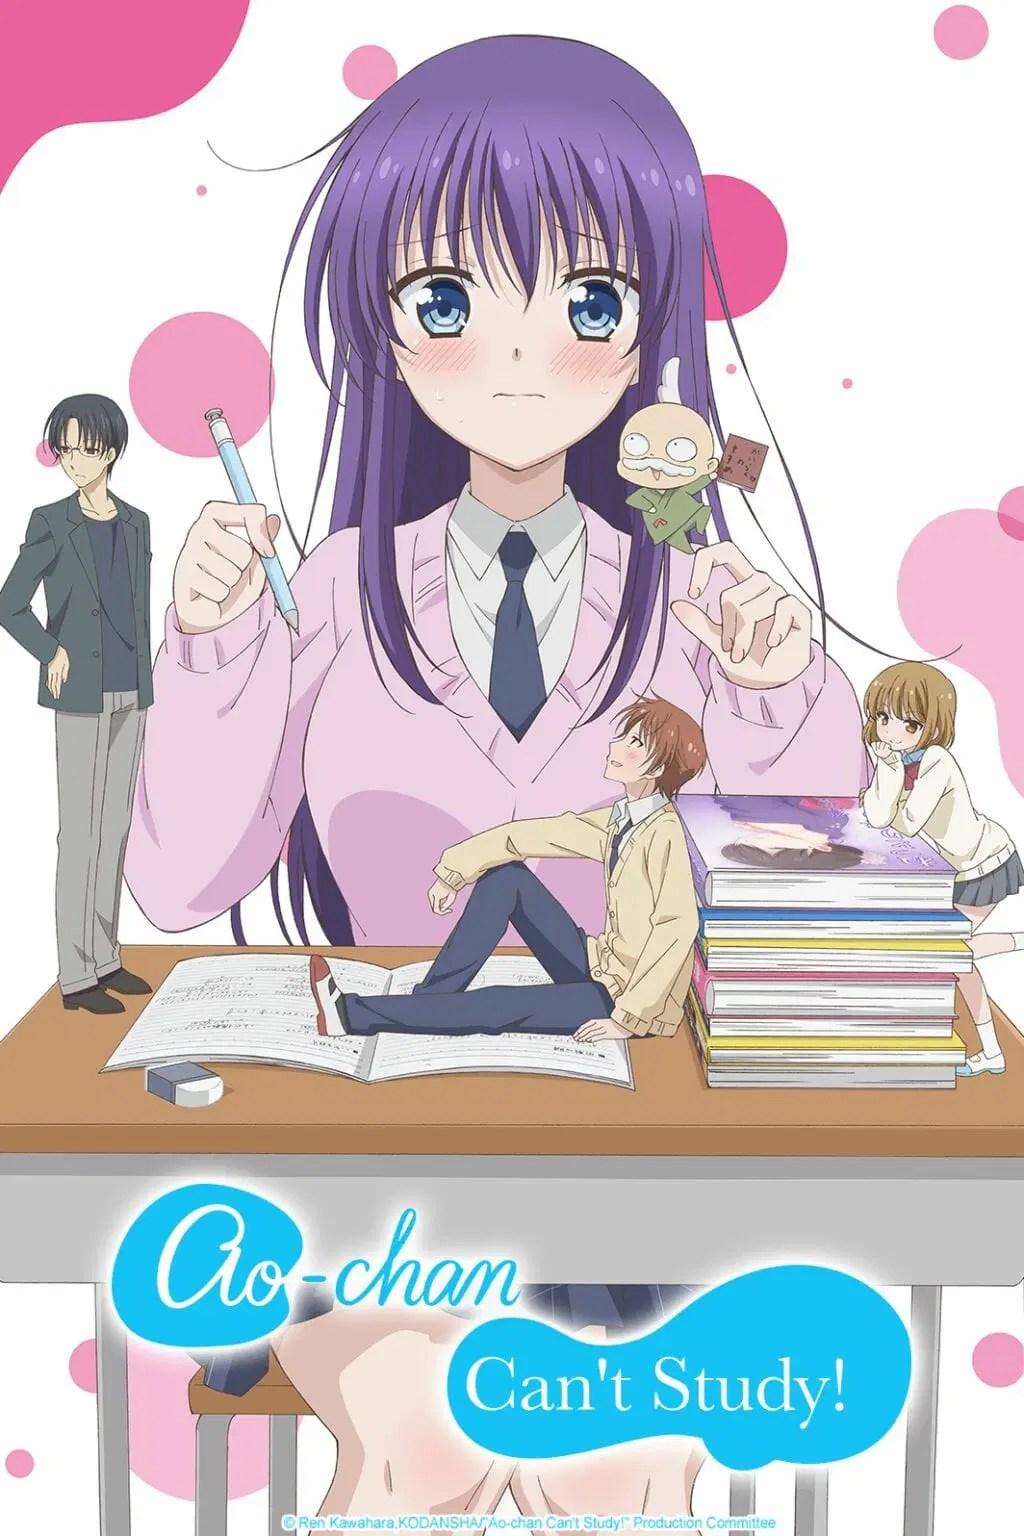 Ao-chan Cant Study Anime Visual